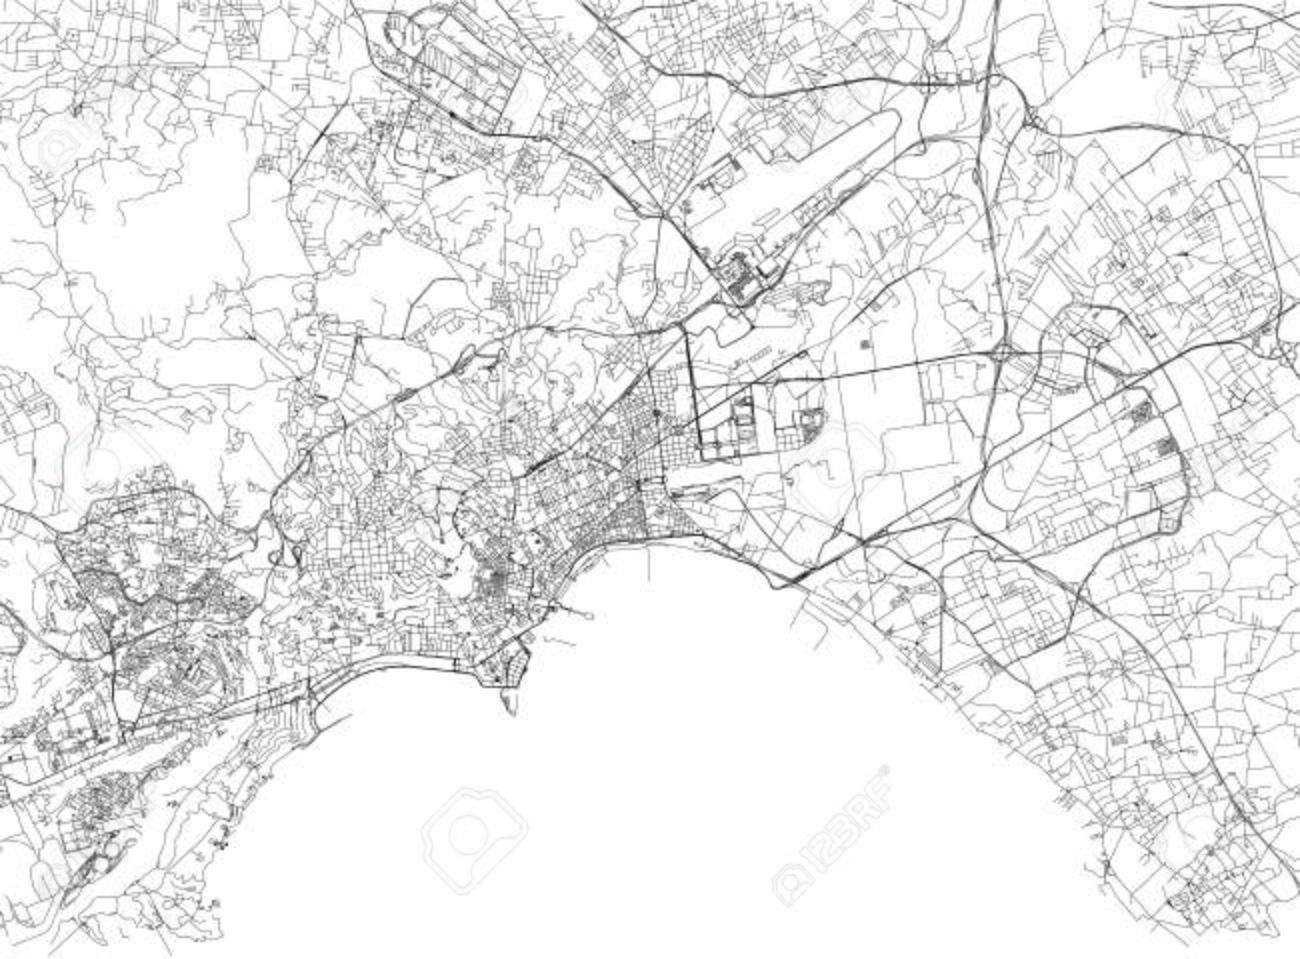 Cartina Stradale Di Napoli Citta.Vettoriale Strade Di Napoli Mappa Della Citta Campania Italia Cartina Stradale Image 90315542